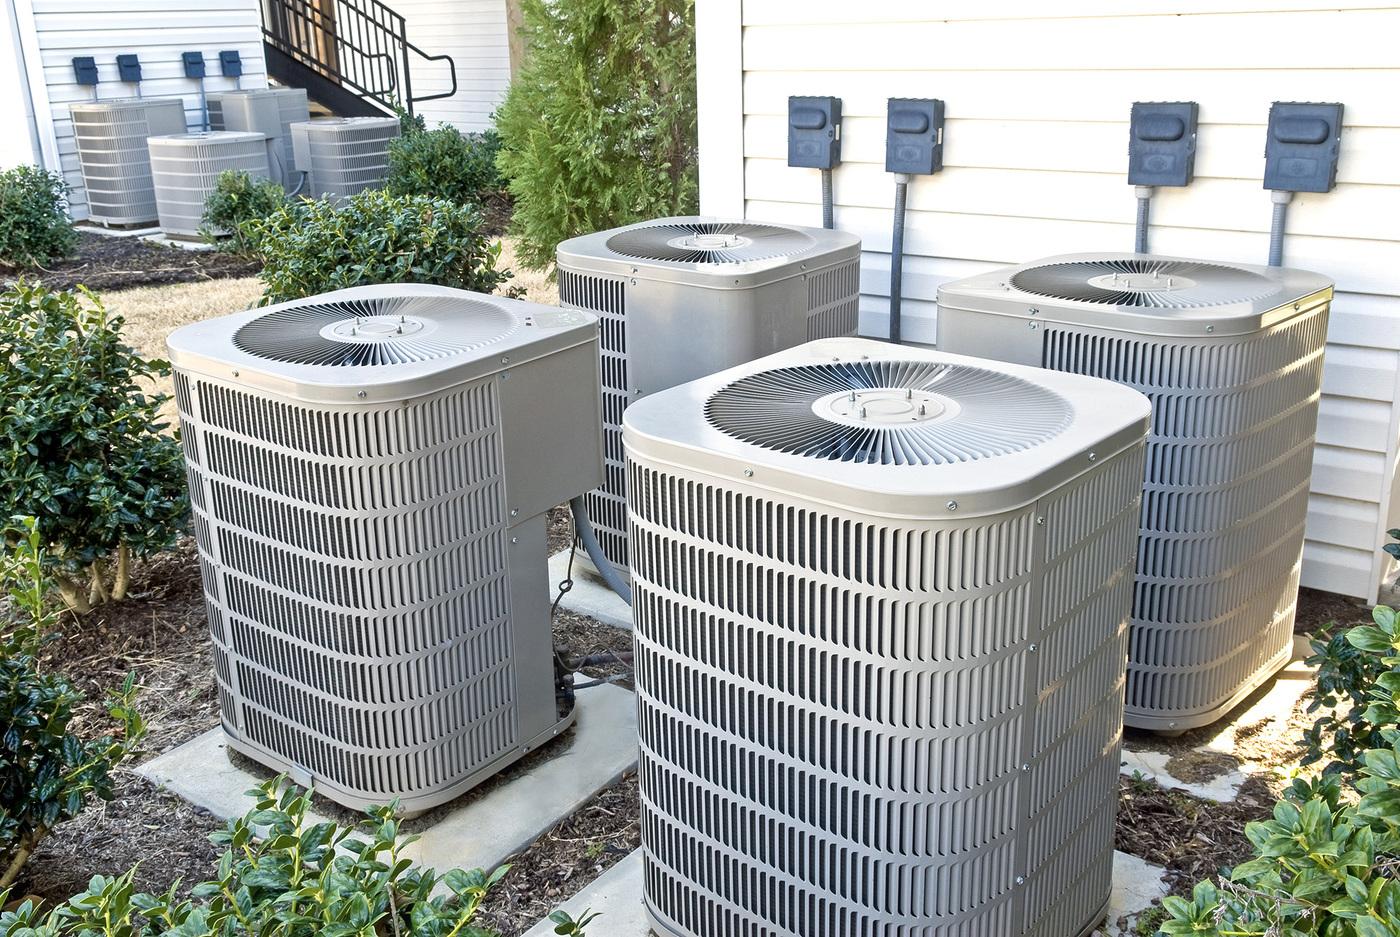 Arizona HVAC company